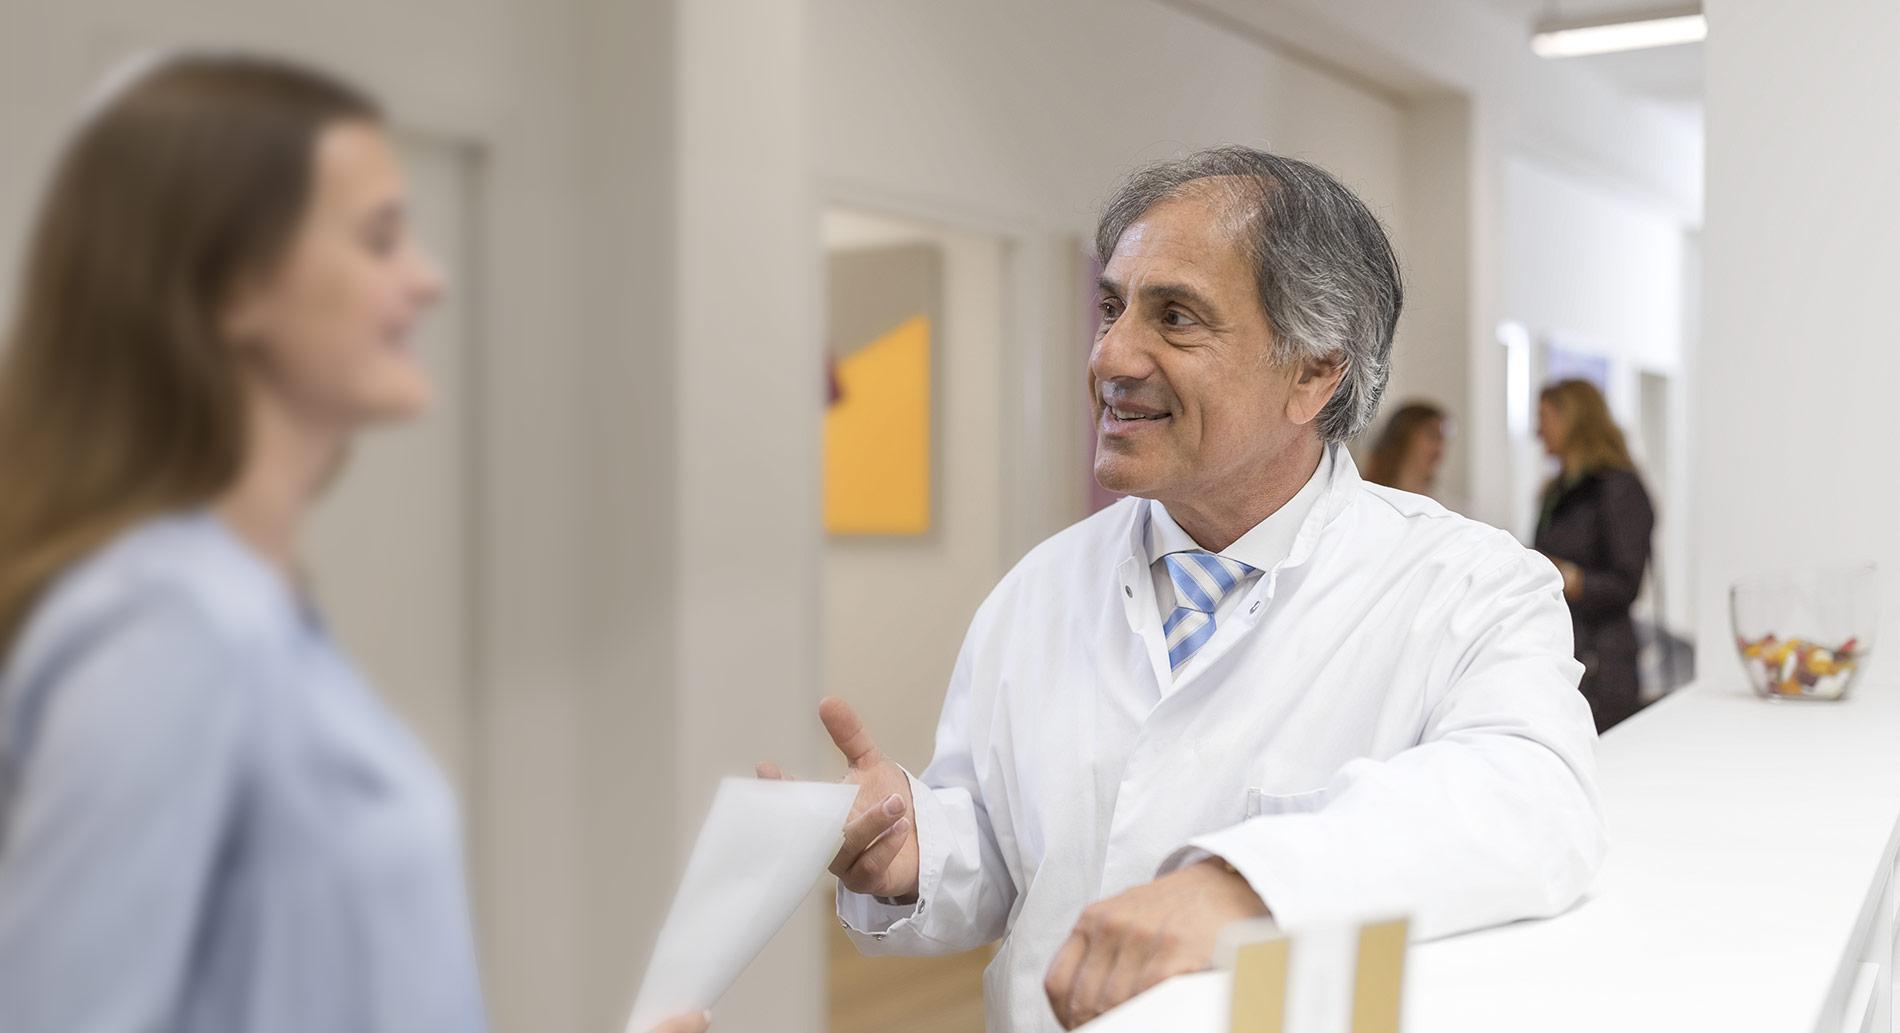 Dermatologie im Isarklinikum - Prof. Dr. med. Thomas Ruzicka